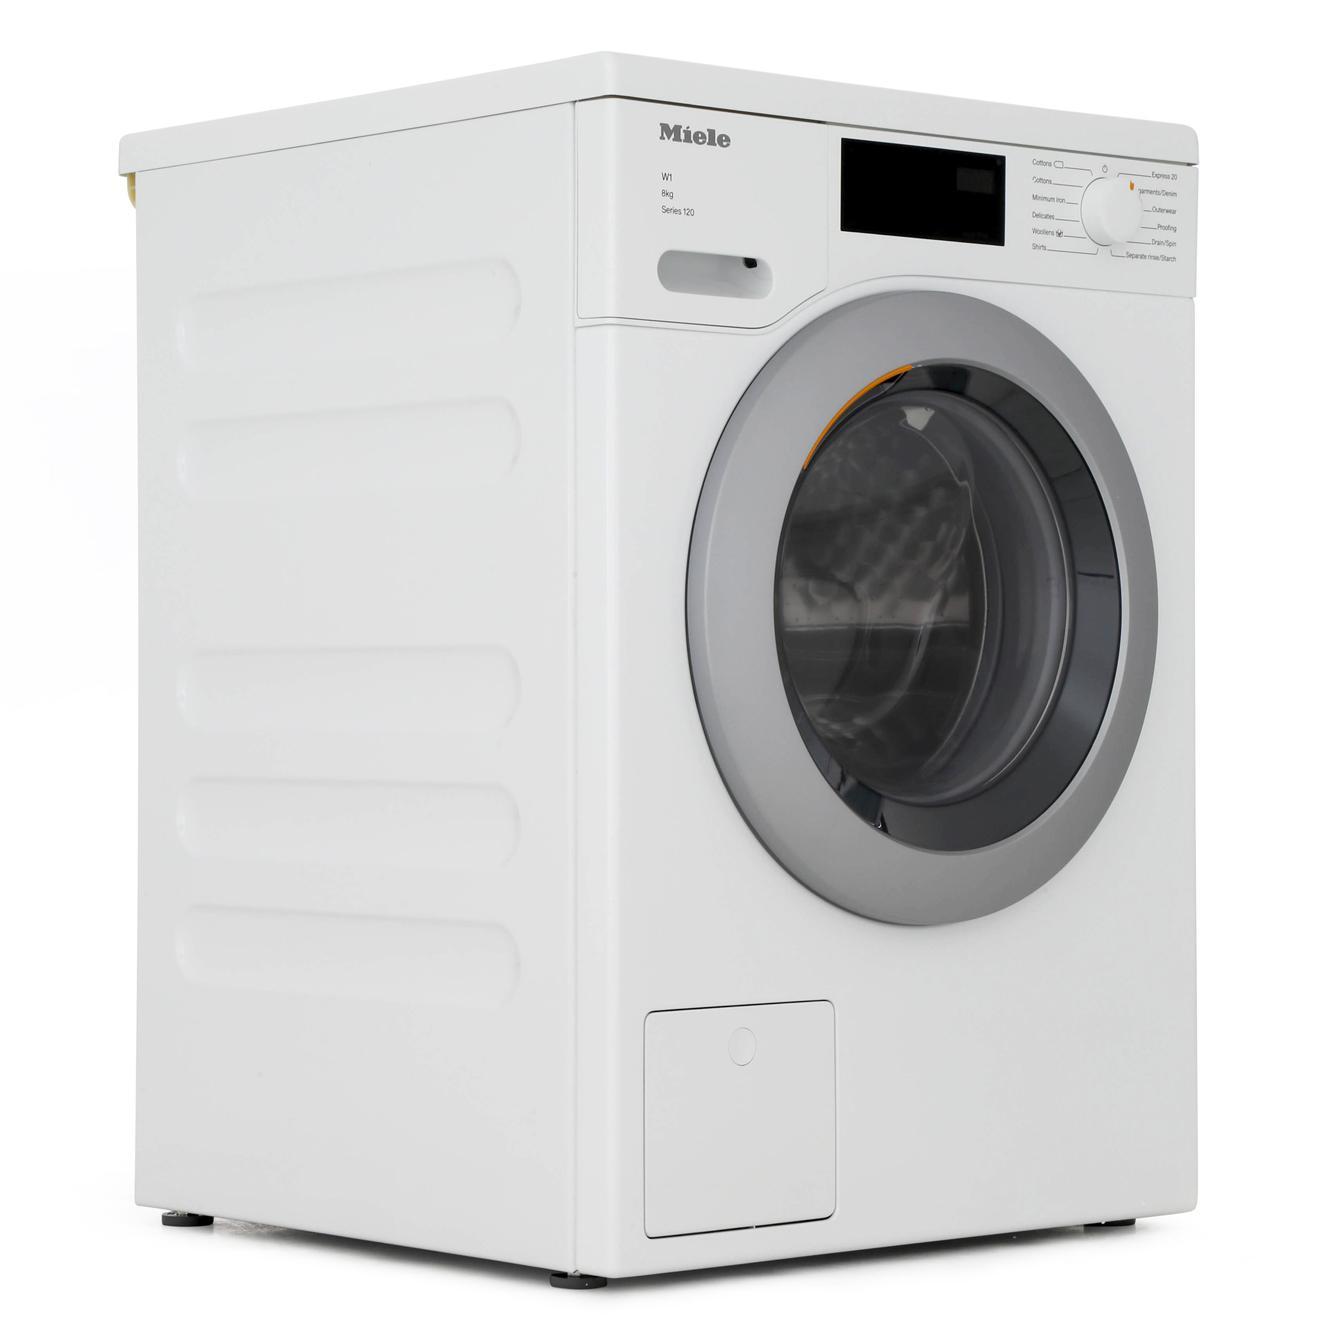 Buy Miele W1 WDD025 Classic Washing Machine (11210920 ...